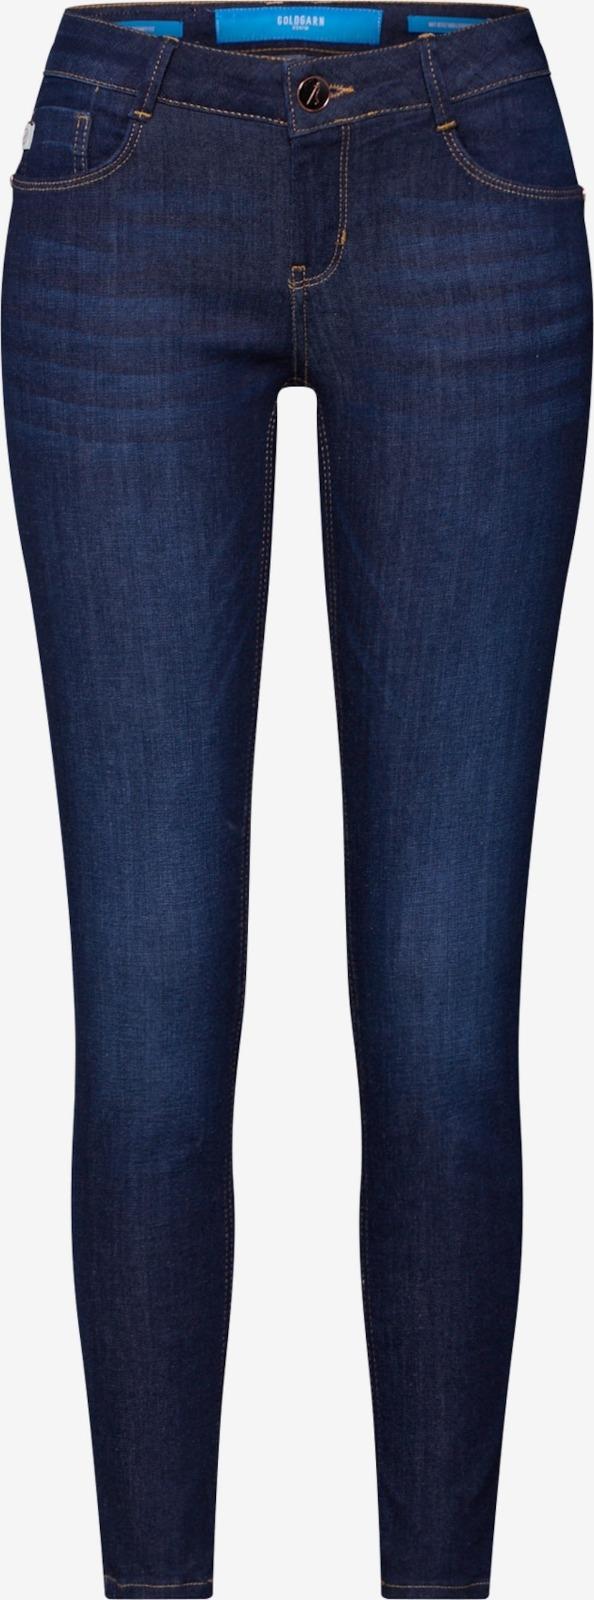 Jeans 'Jungbusch' Skinny Fit